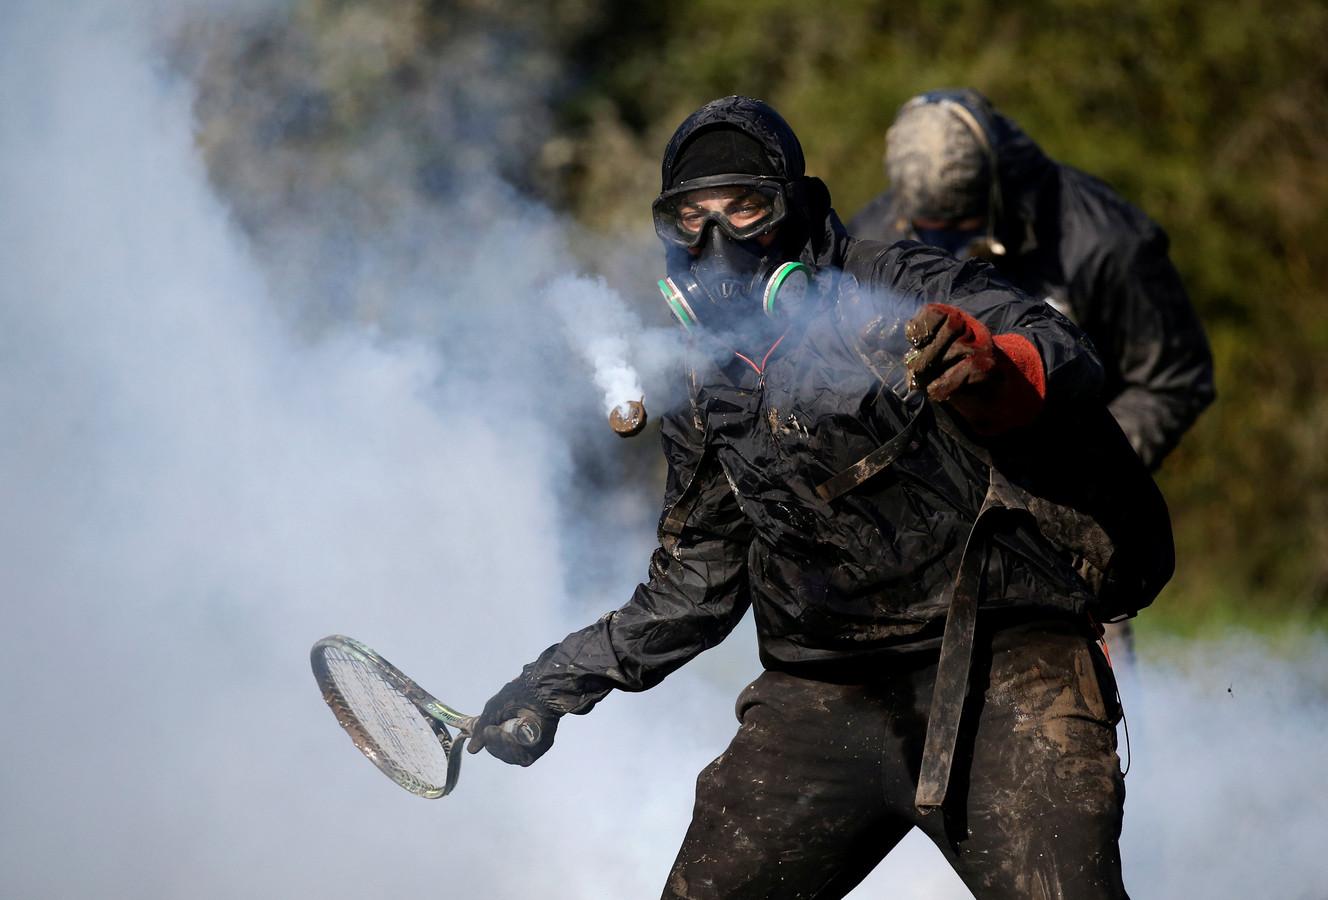 Een protestant gebruikt een tennisracket om zichzelf te verdedigen tegen traangasgranaten die zijn afgevuurd door de oproerpolitie bij schermutselingen bij het tien jaar oude kamp dat bekend staat als ZAD (Zone a Defendre – Zone) in de buurt van het Franse Nantes. Foto Stephane Mahe